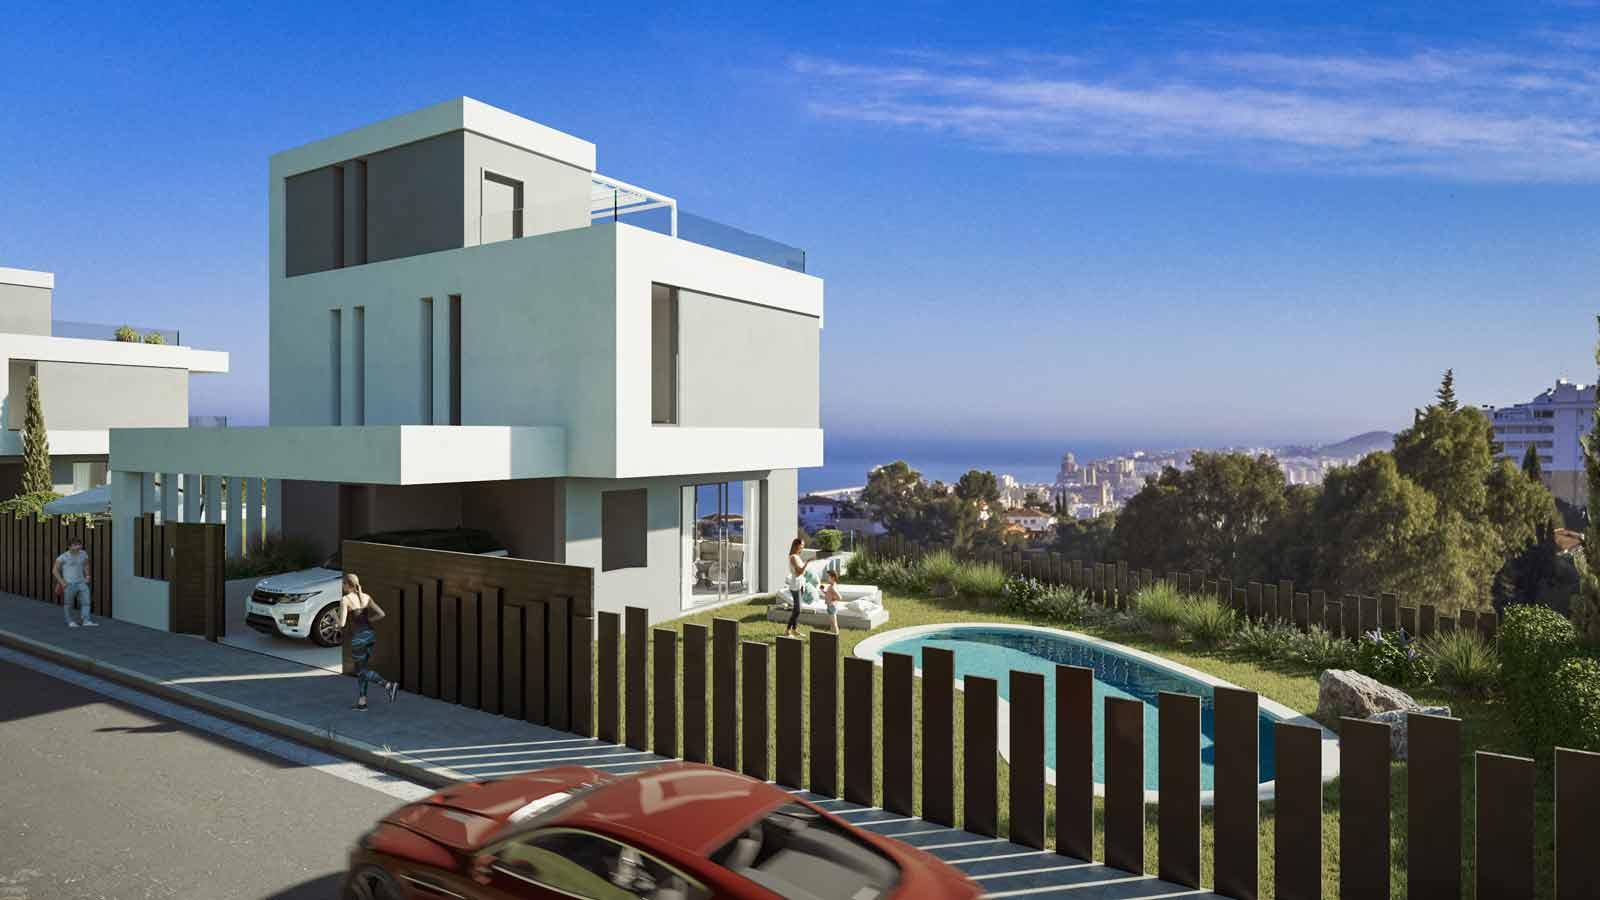 Blanca Hills: new housing development in Torreblanca, Fuengirola